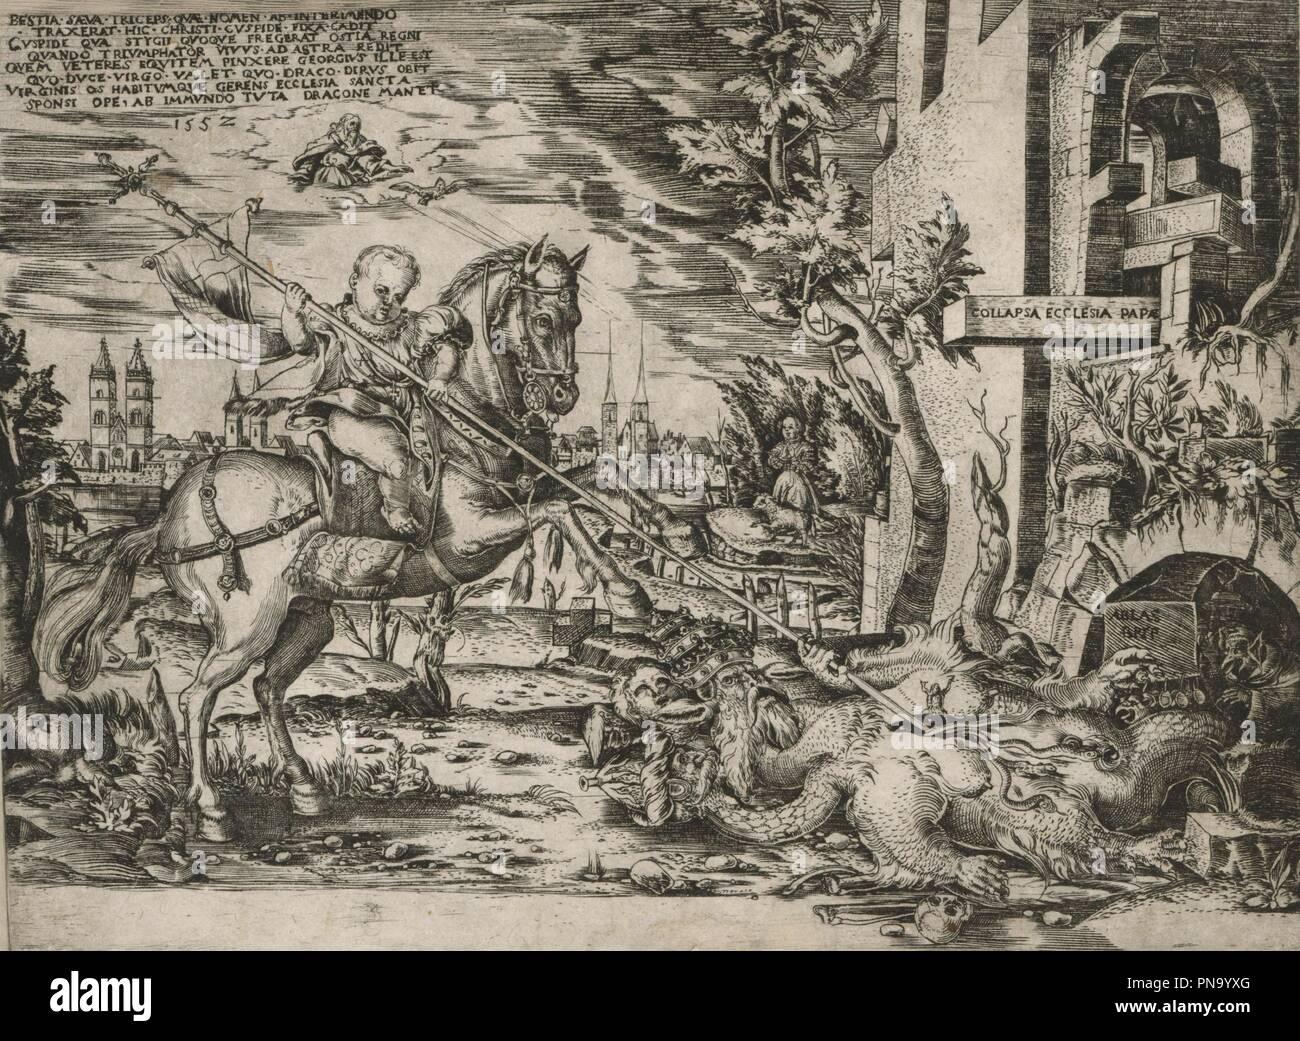 Das Christkind besiegt das Papstungeheuer - Allegorie auf